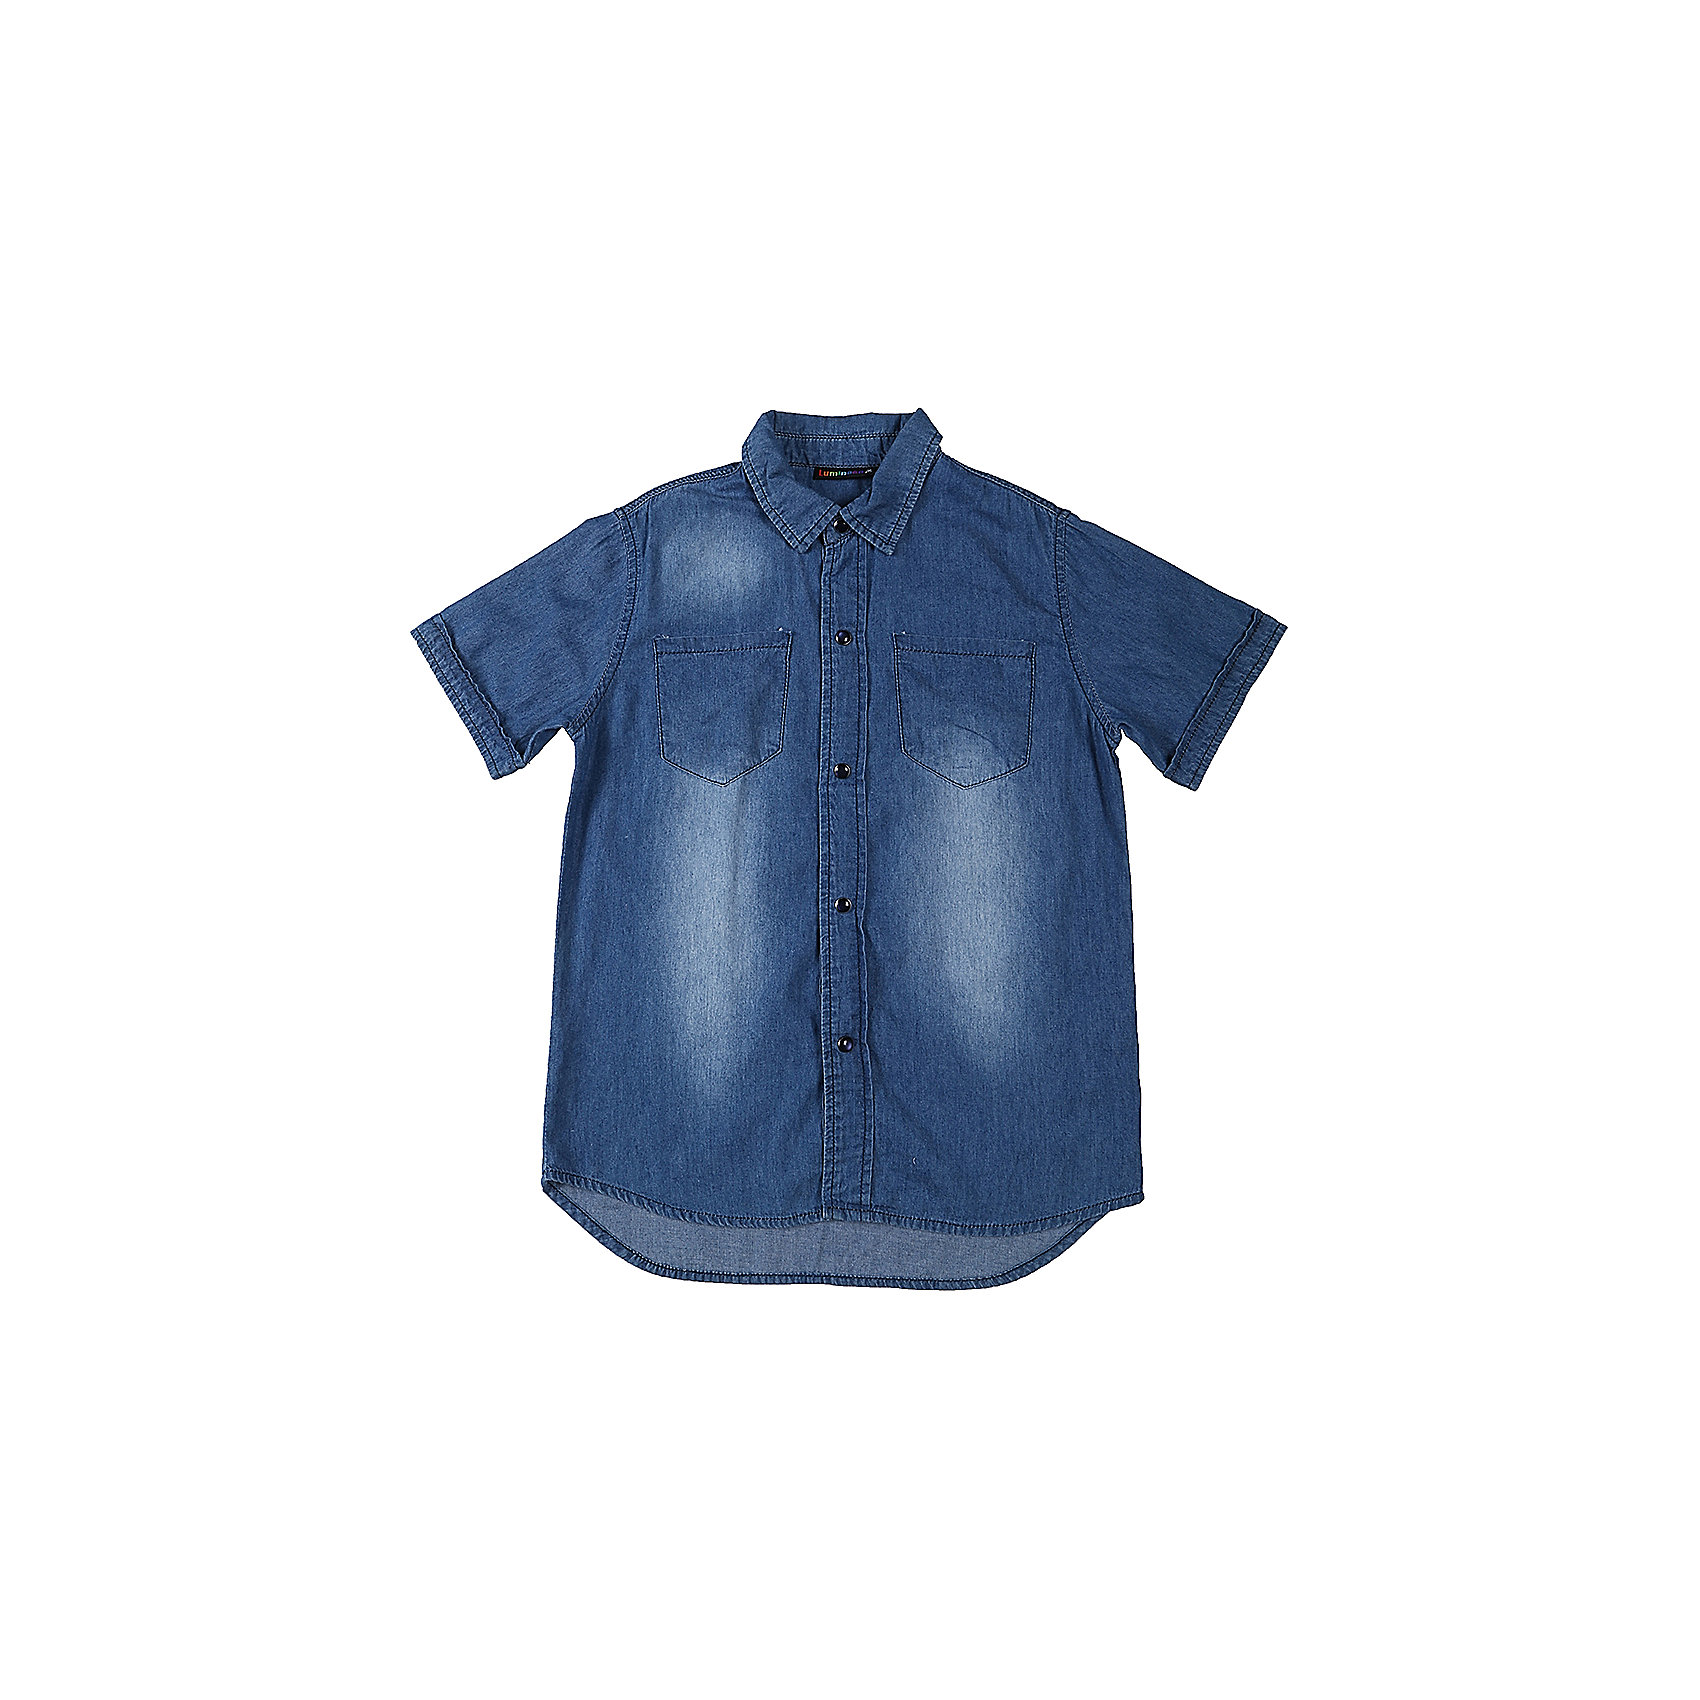 Рубашка джинсовая для мальчика LuminosoДжинсовая одежда<br>Хлопковая рубашка из тонкой ткани под джинсу. Застежка на кнопках. На полочках два накладных карманы. Отложной воротничок.<br>Состав:<br>100%хлопок<br><br>Ширина мм: 174<br>Глубина мм: 10<br>Высота мм: 169<br>Вес г: 157<br>Цвет: синий<br>Возраст от месяцев: 108<br>Возраст до месяцев: 120<br>Пол: Мужской<br>Возраст: Детский<br>Размер: 152,146,140,134,164,158<br>SKU: 5409531